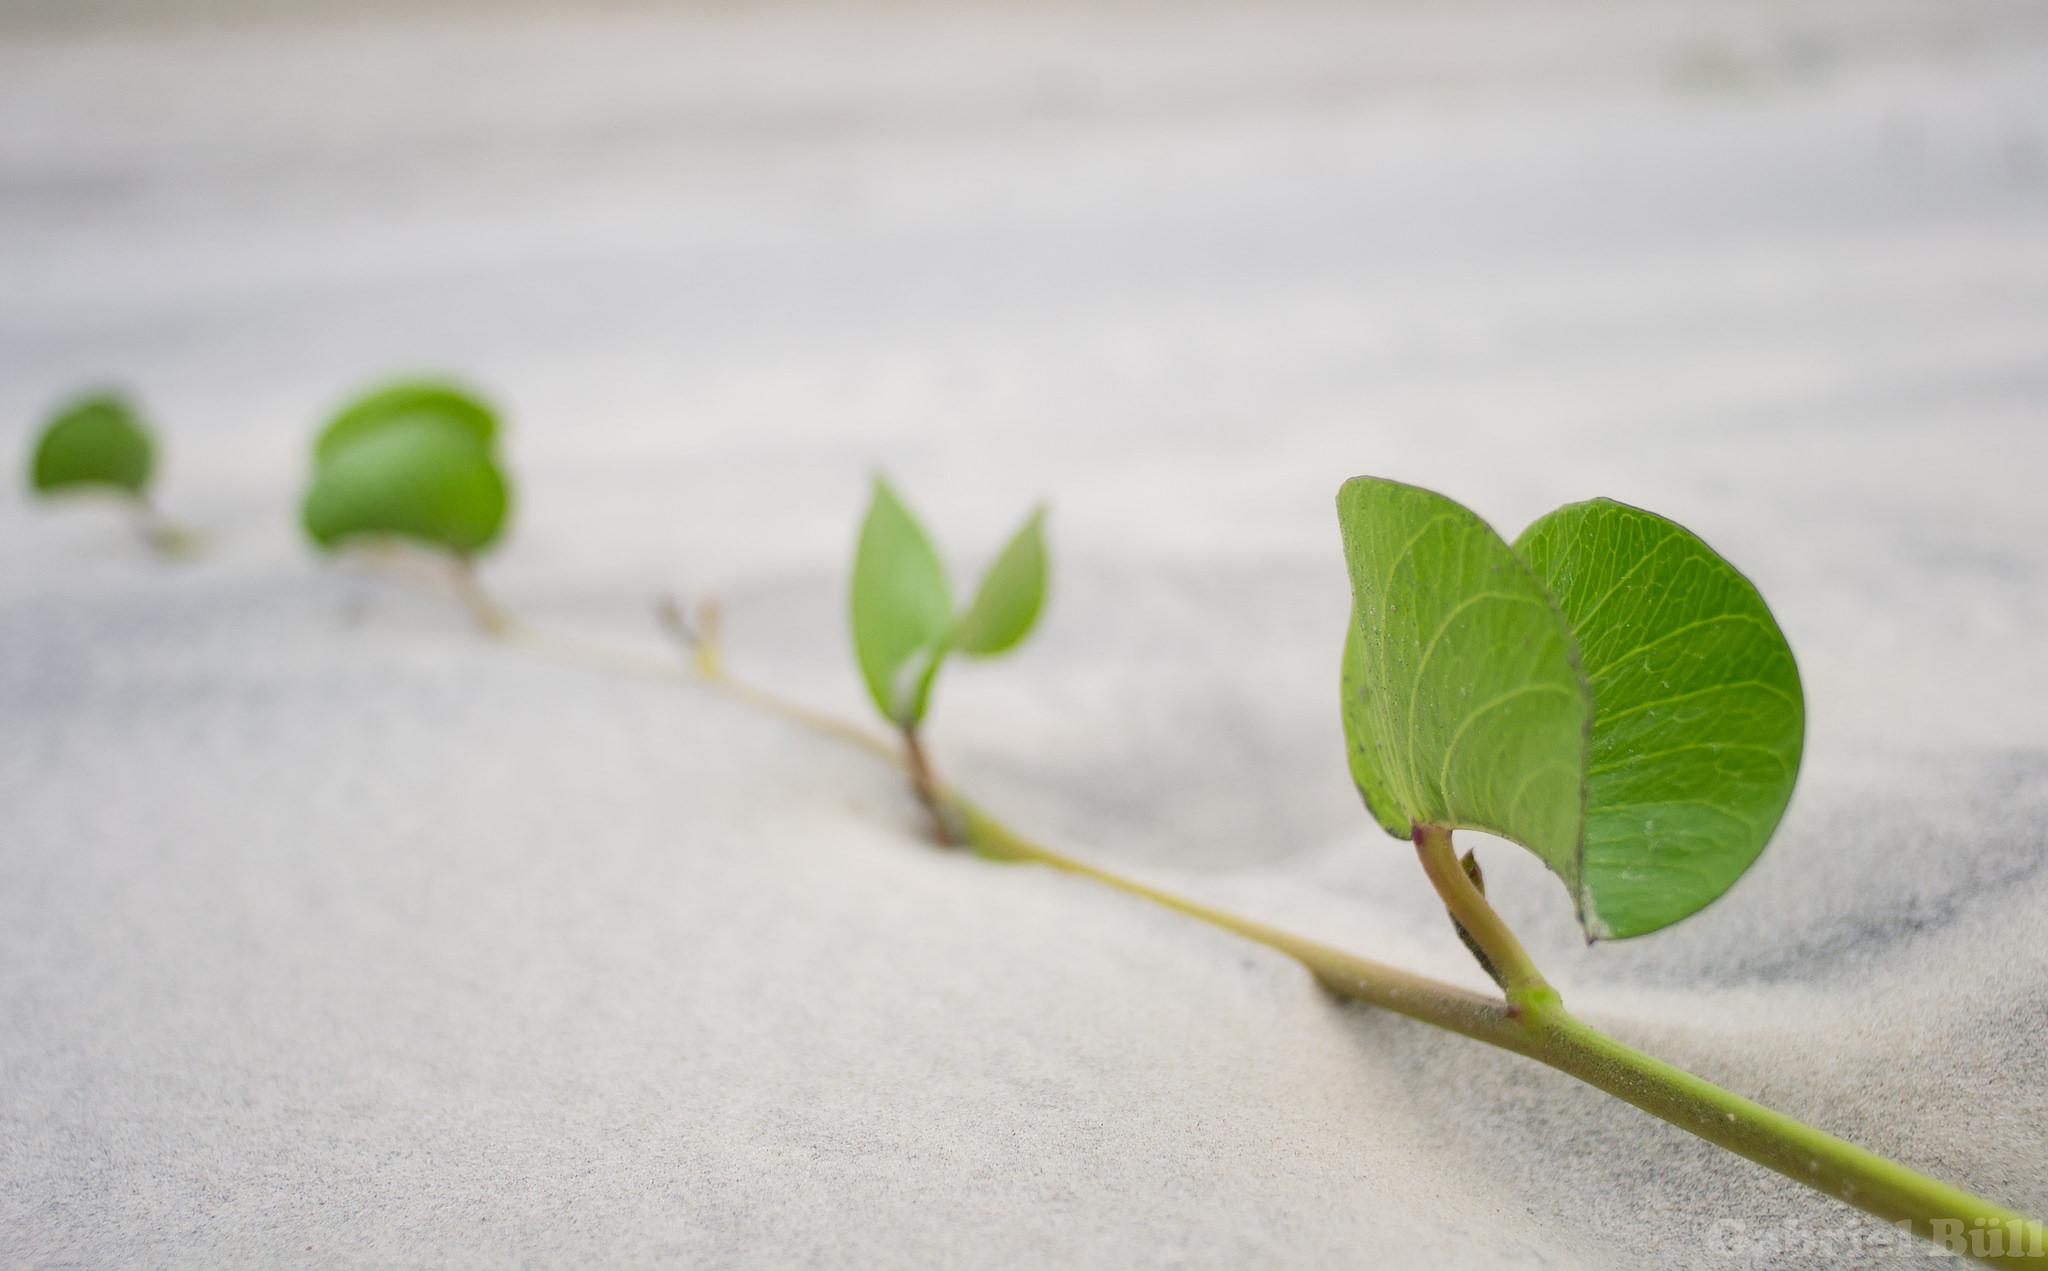 Hojas de plantas en la arena - 2048x1271